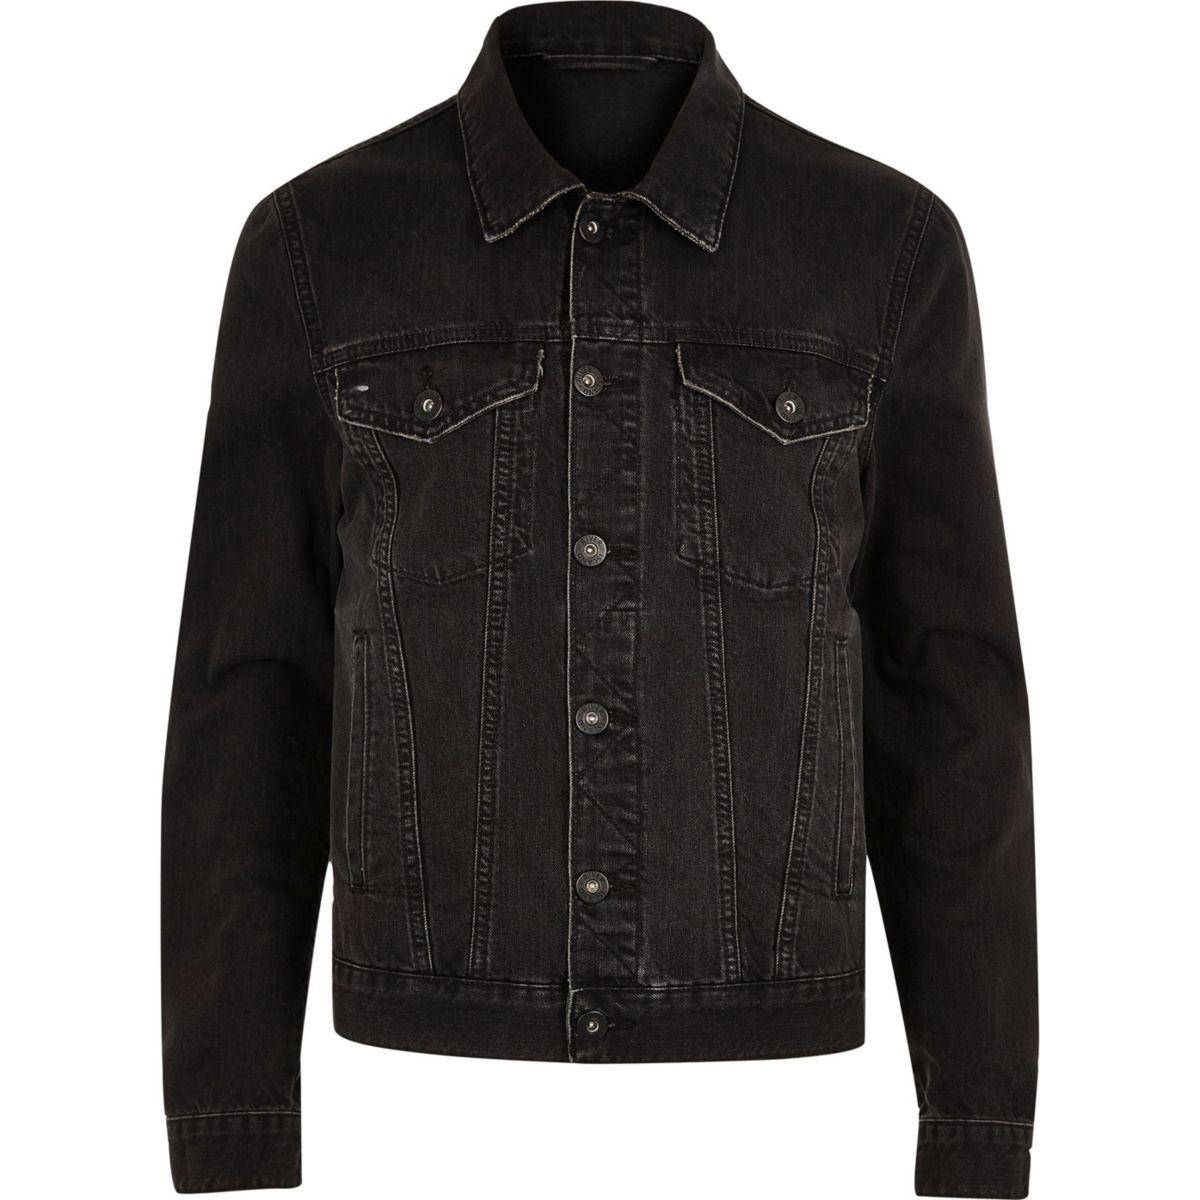 Big and Tall black distressed denim jacket